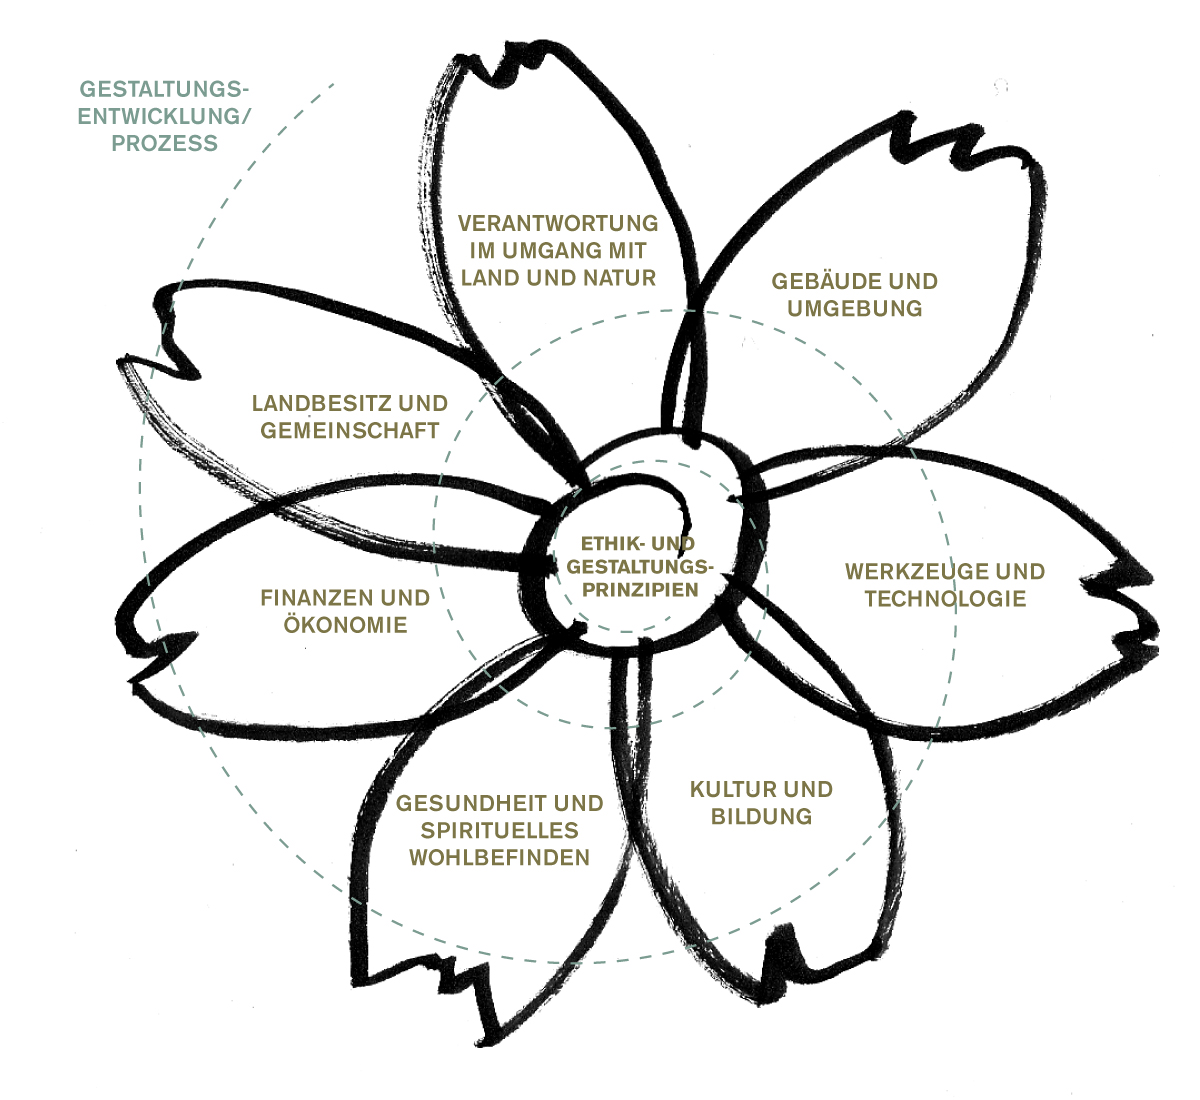 Die Blume der Permakultur